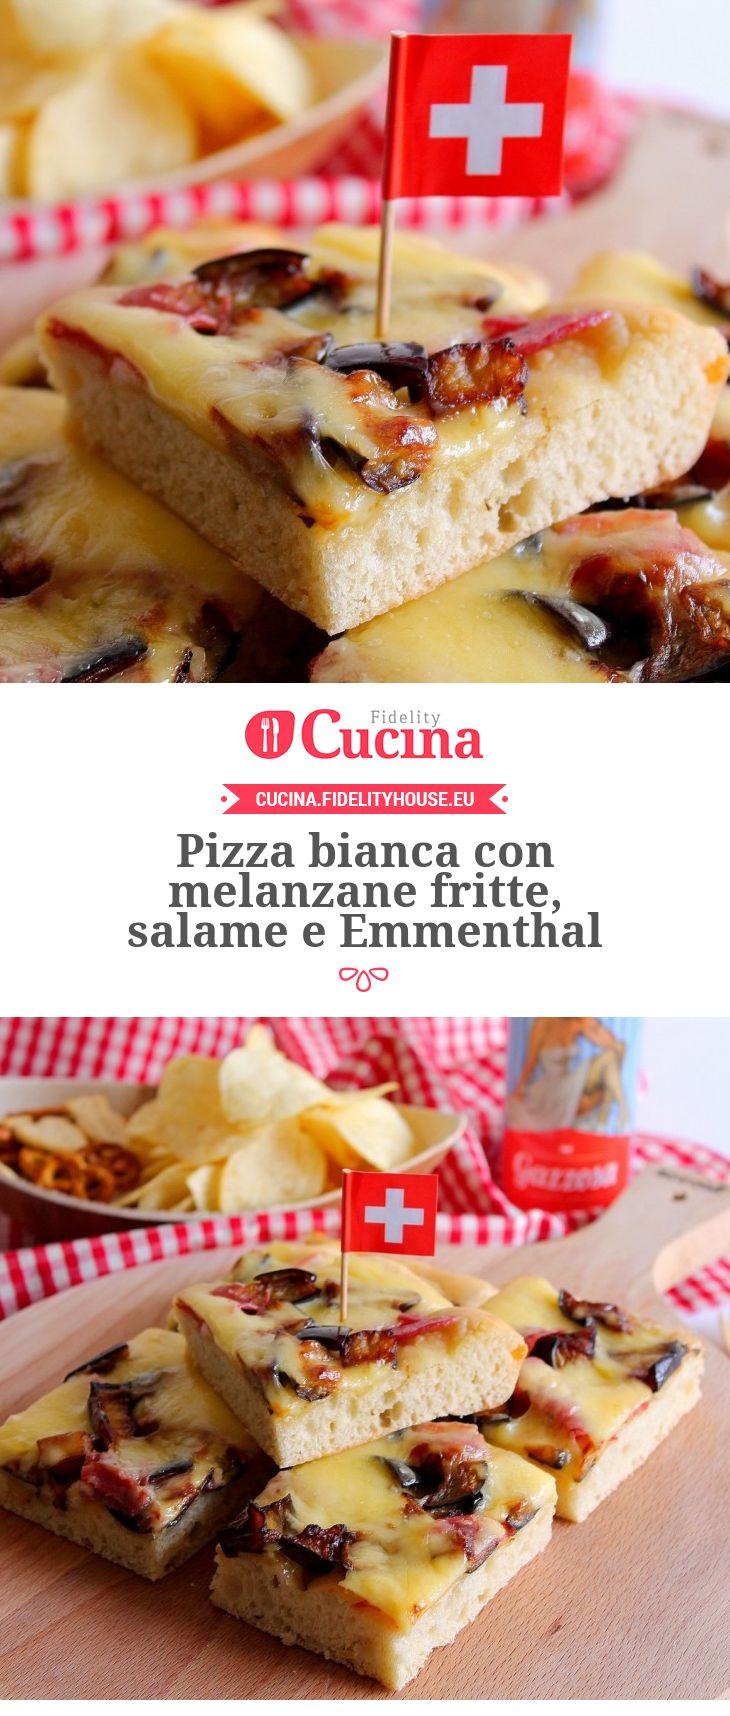 #Pizza bianca con #melanzane fritte, #salame e #Emmenthal della nostra utente Giovanna. Unisciti alla nostra Community ed invia le tue ricette!